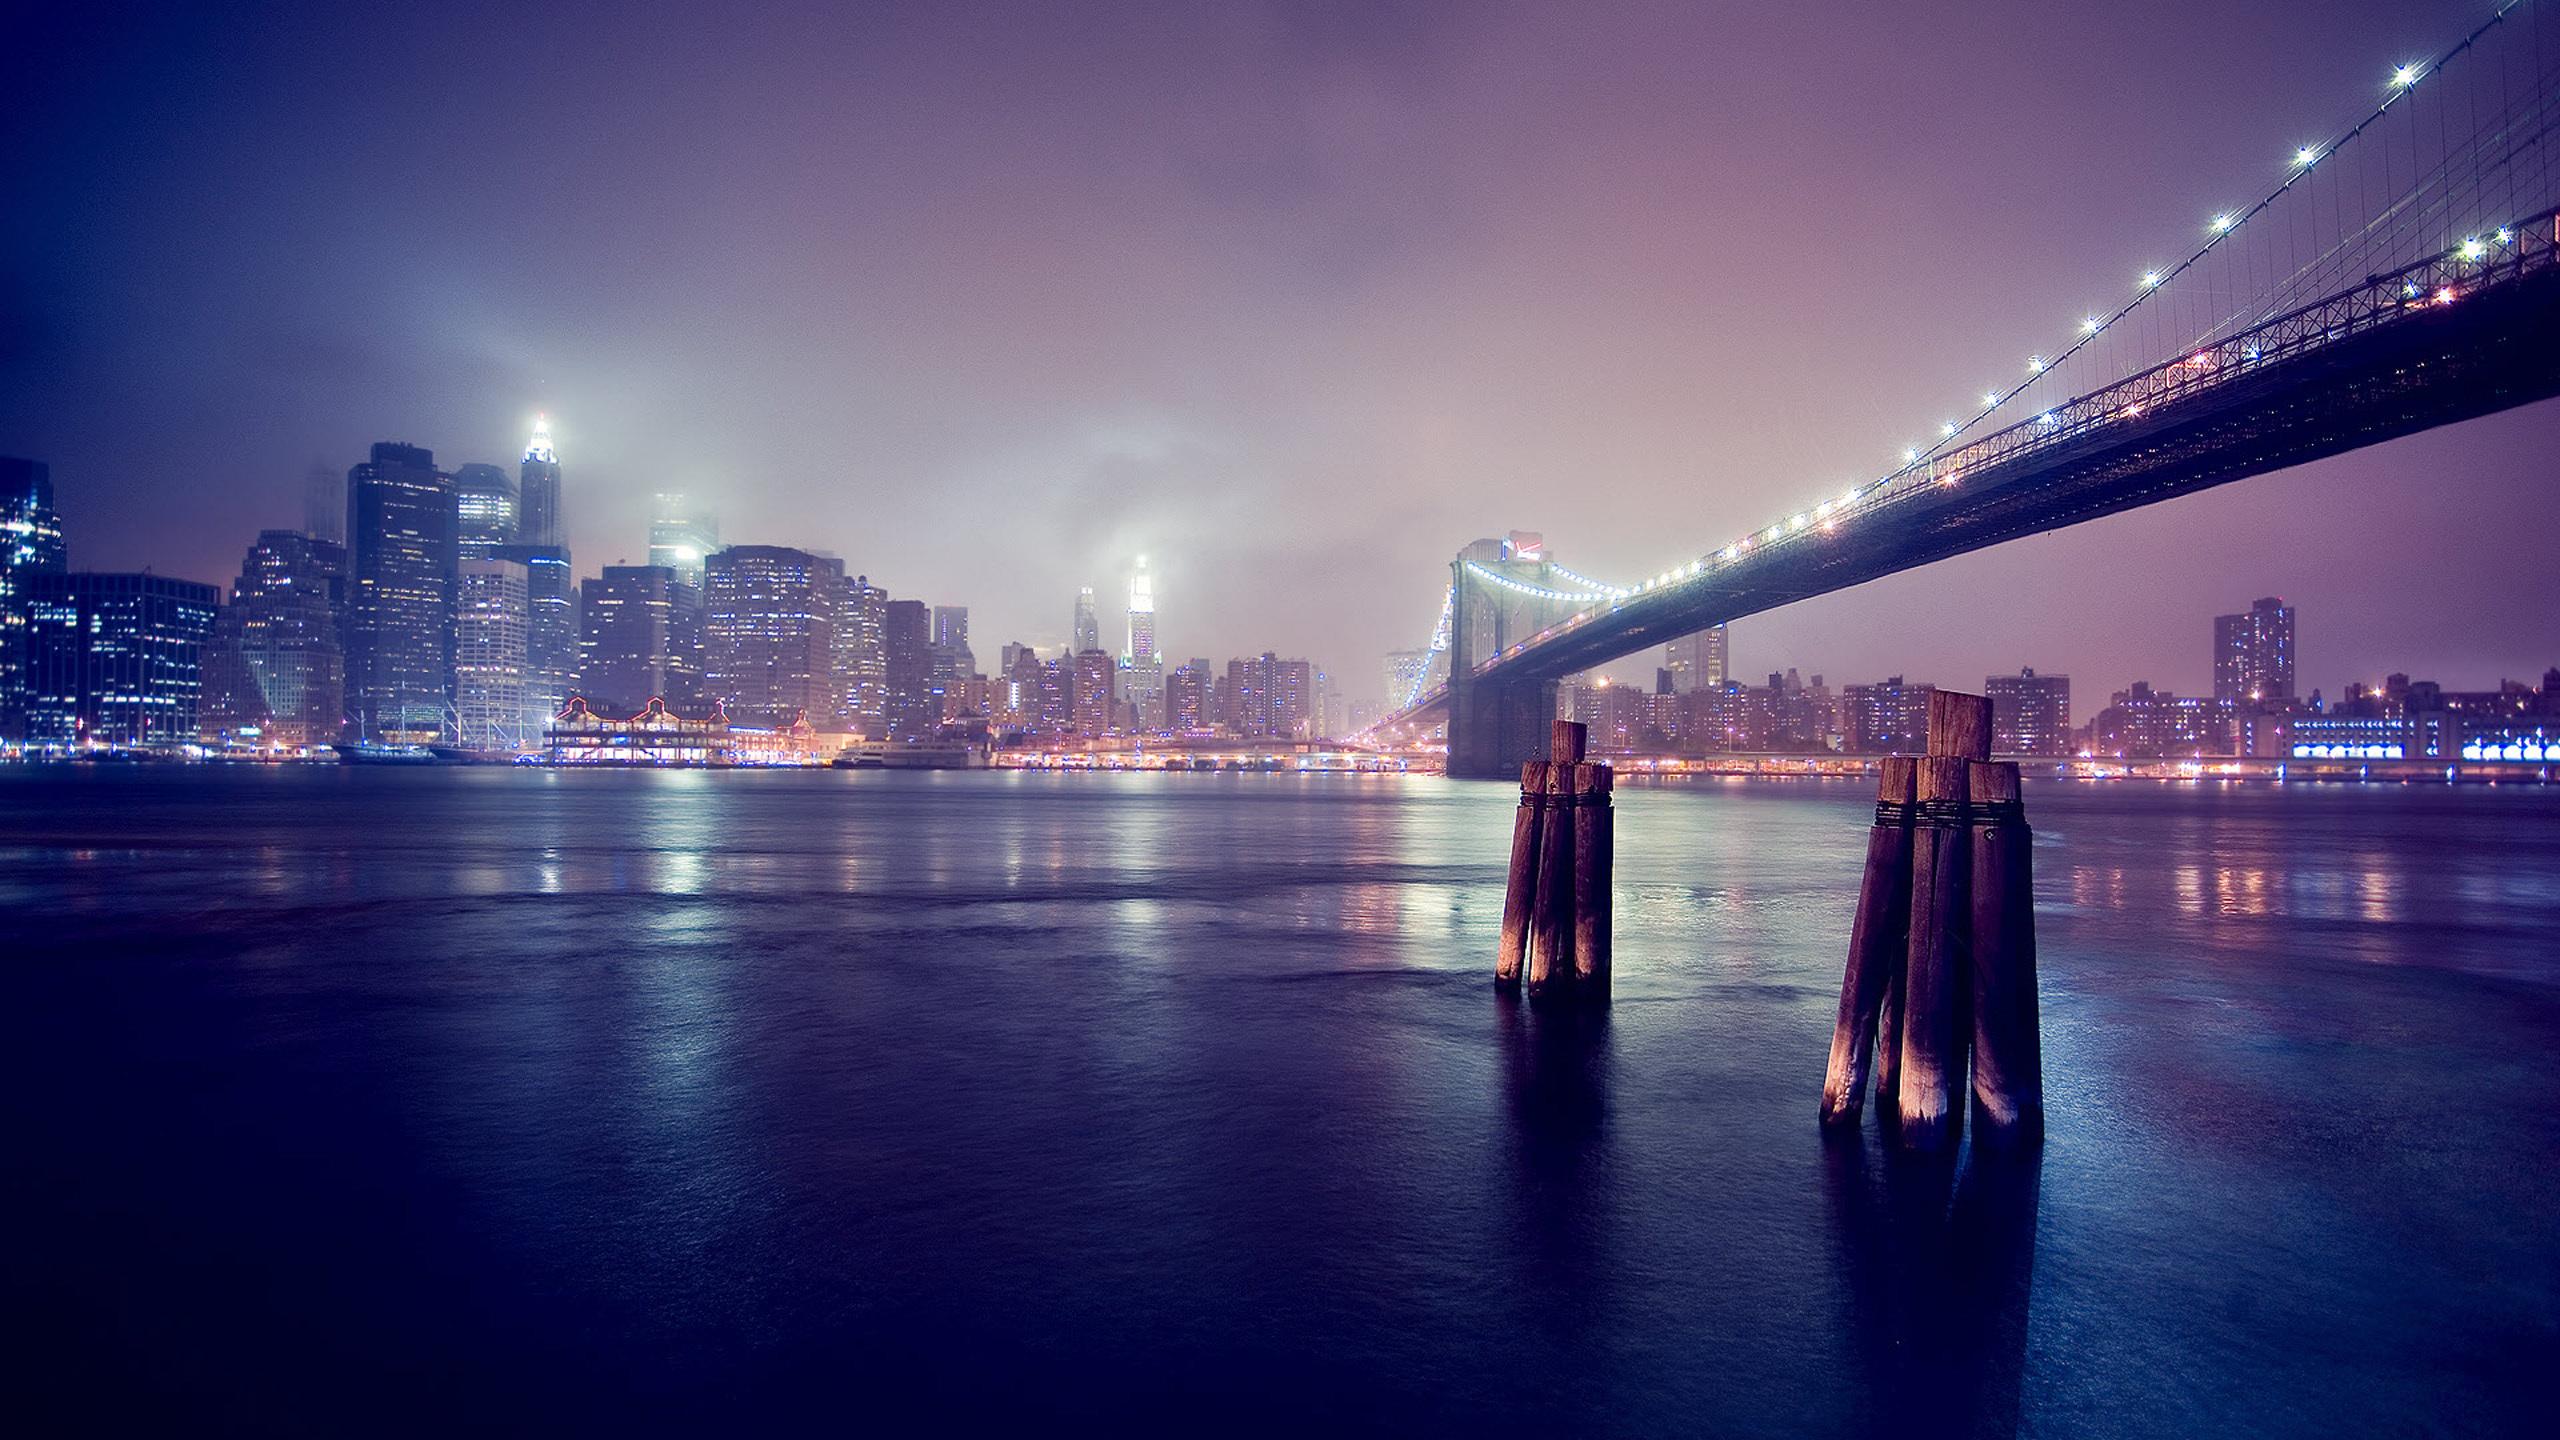 16939 скачать обои Пейзаж, Города, Мосты, Ночь - заставки и картинки бесплатно